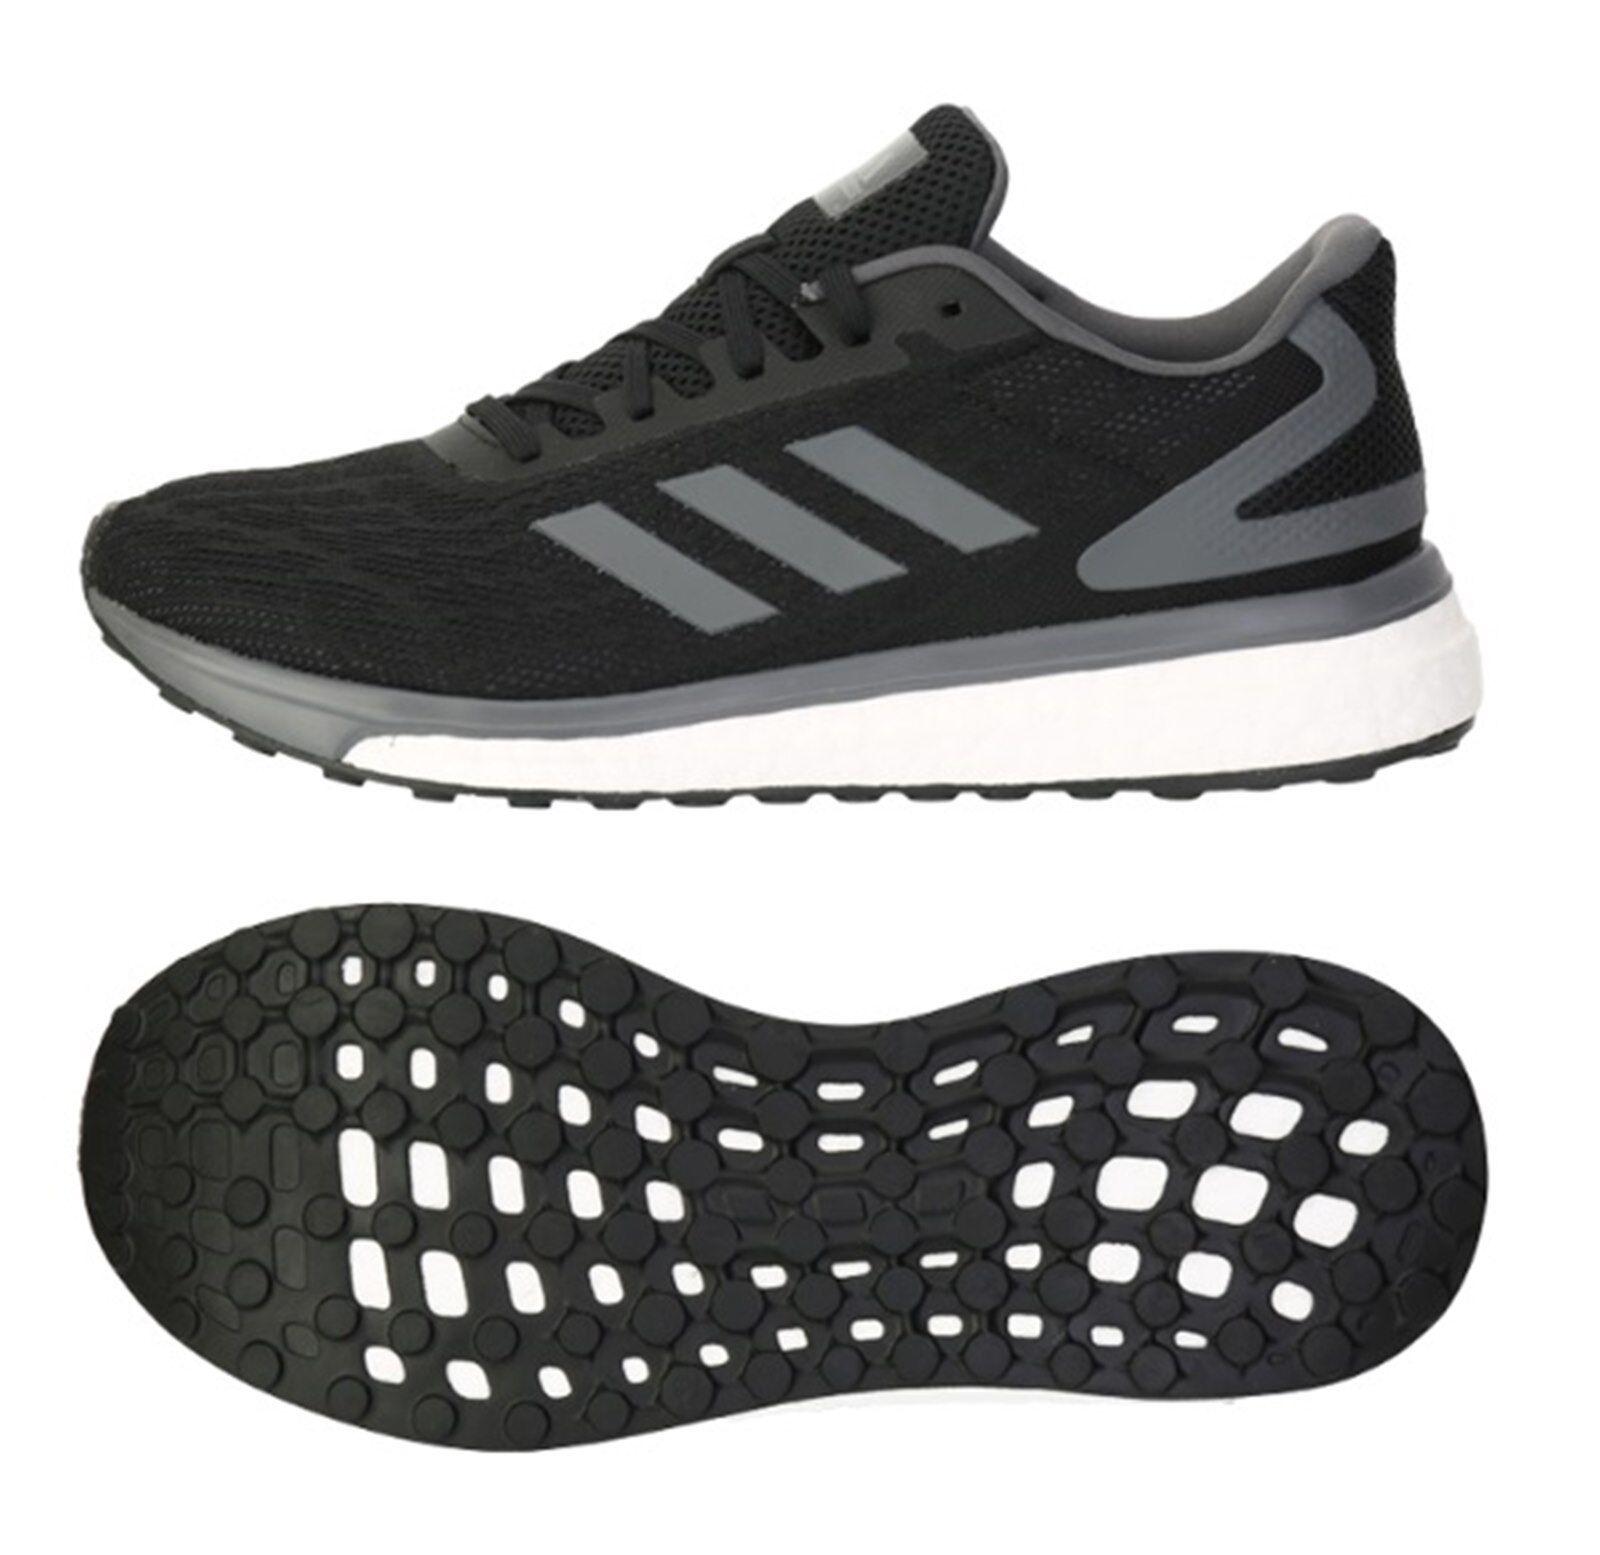 Adidas Vrouwen reageren op LT Training schoenen hardlopen zwart Athletic sportschoenen BB3630